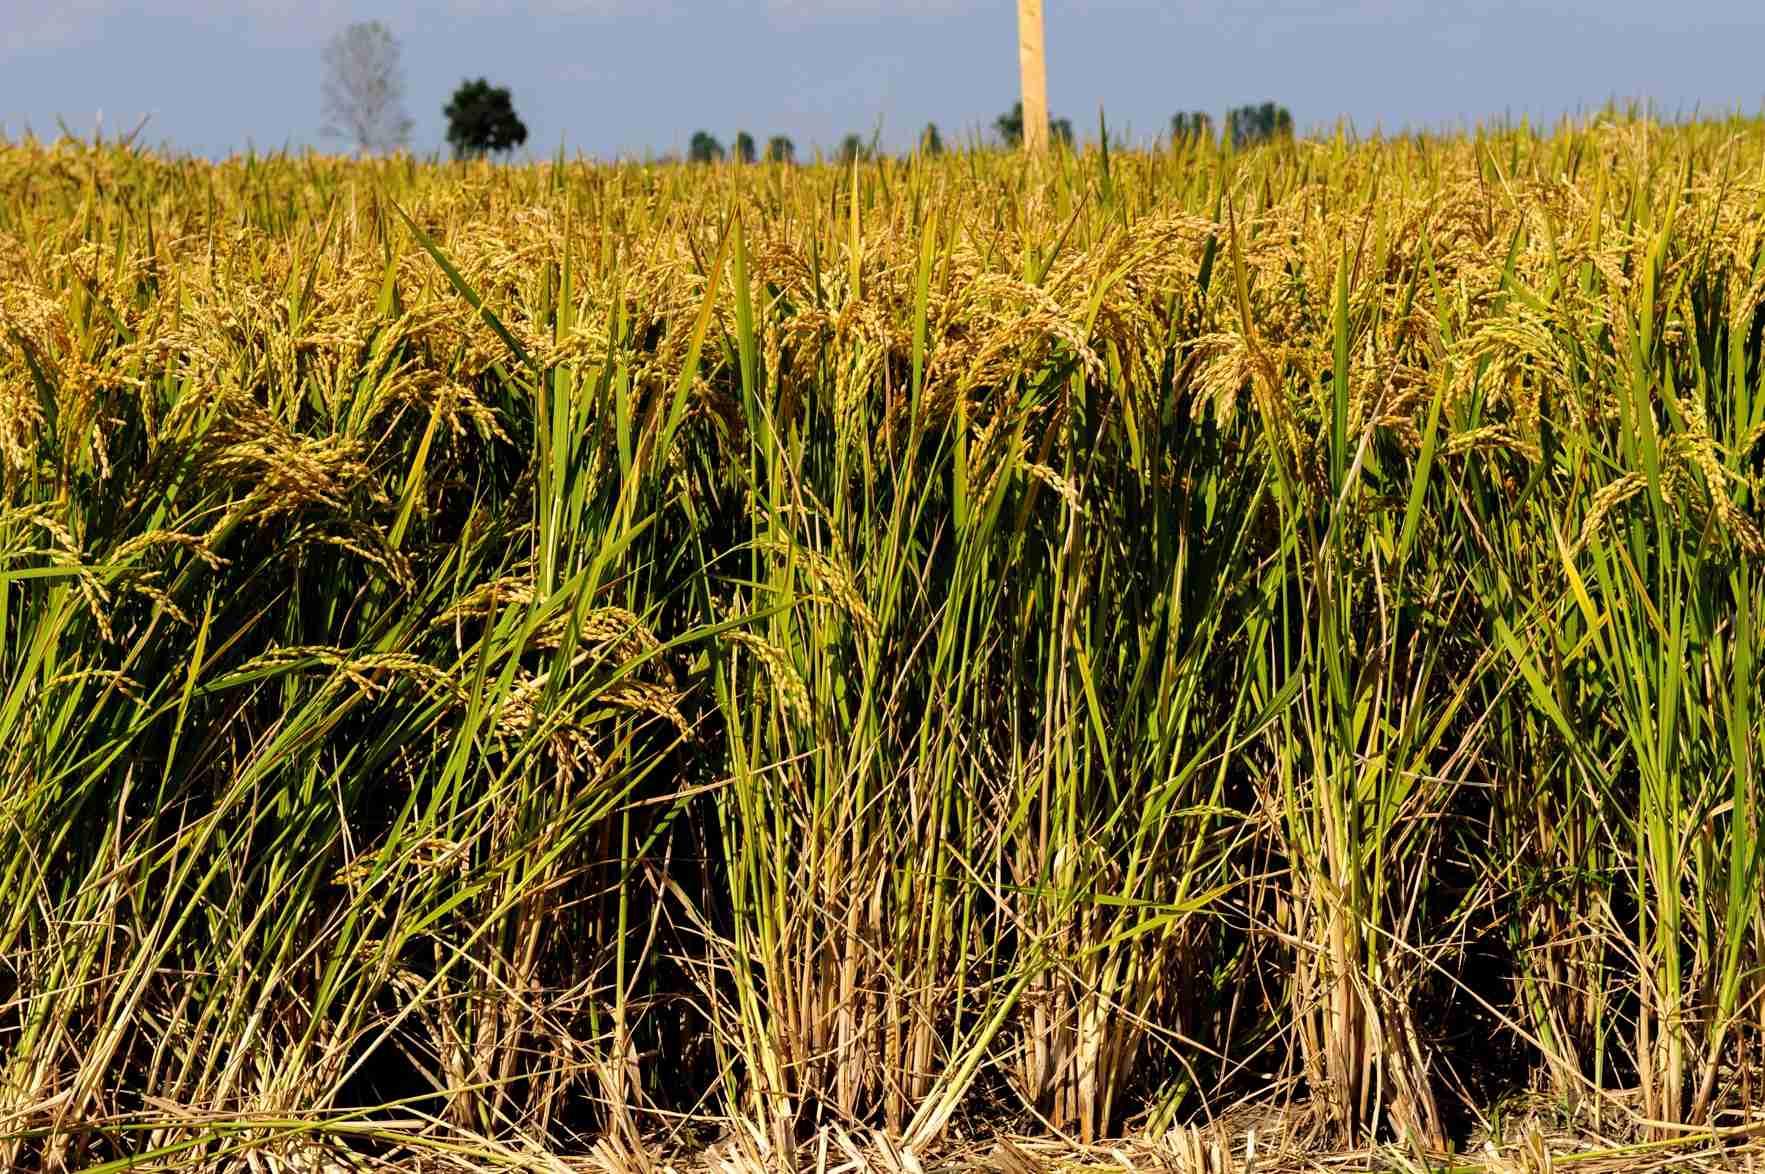 sementi riso cerere spiga